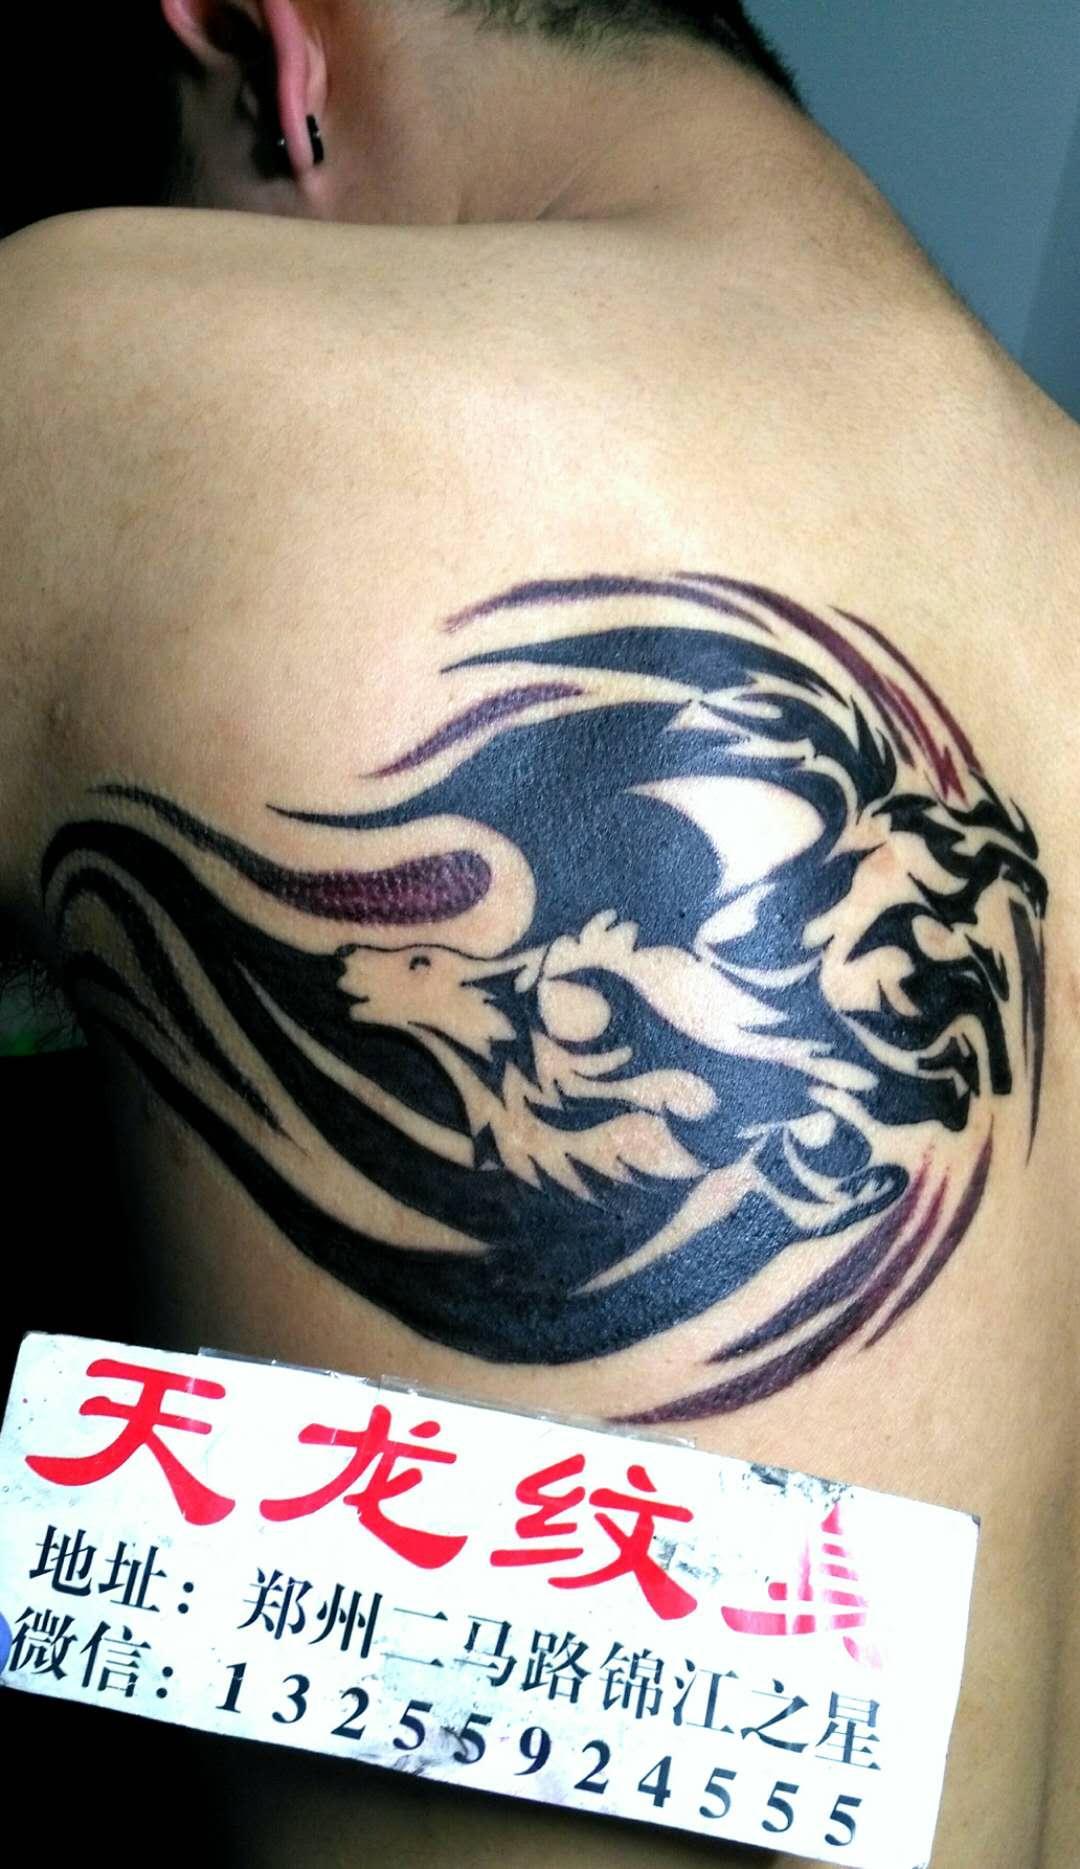 鄭州紋身:圖騰紋身,抽象龍紋身.jpg